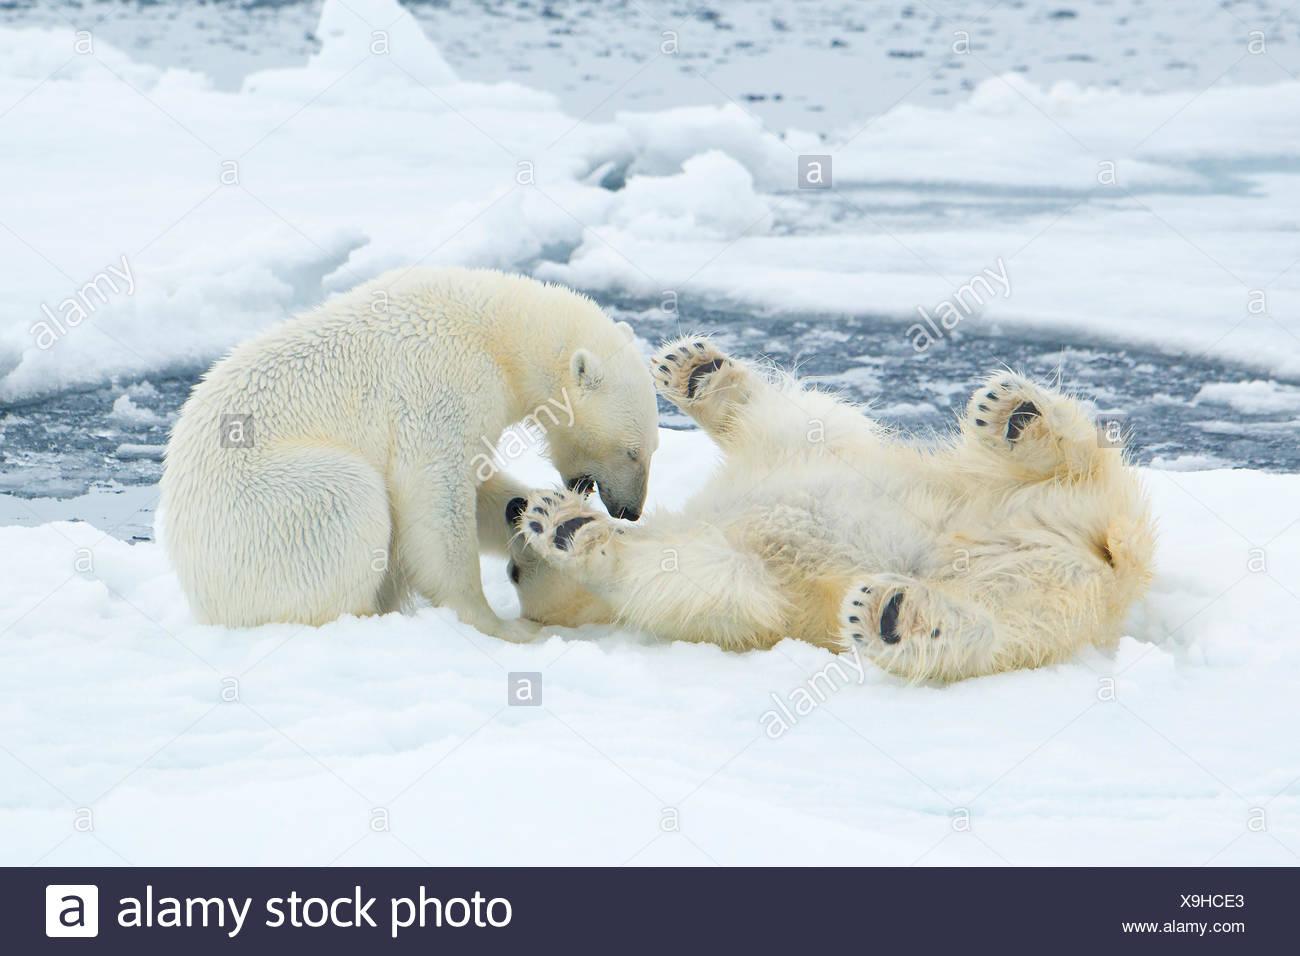 Femelle adulte l'ours blanc (Ursus maritimus) d'interagir sur la glace de mer, l'archipel de Svalbard, Norvège Photo Stock